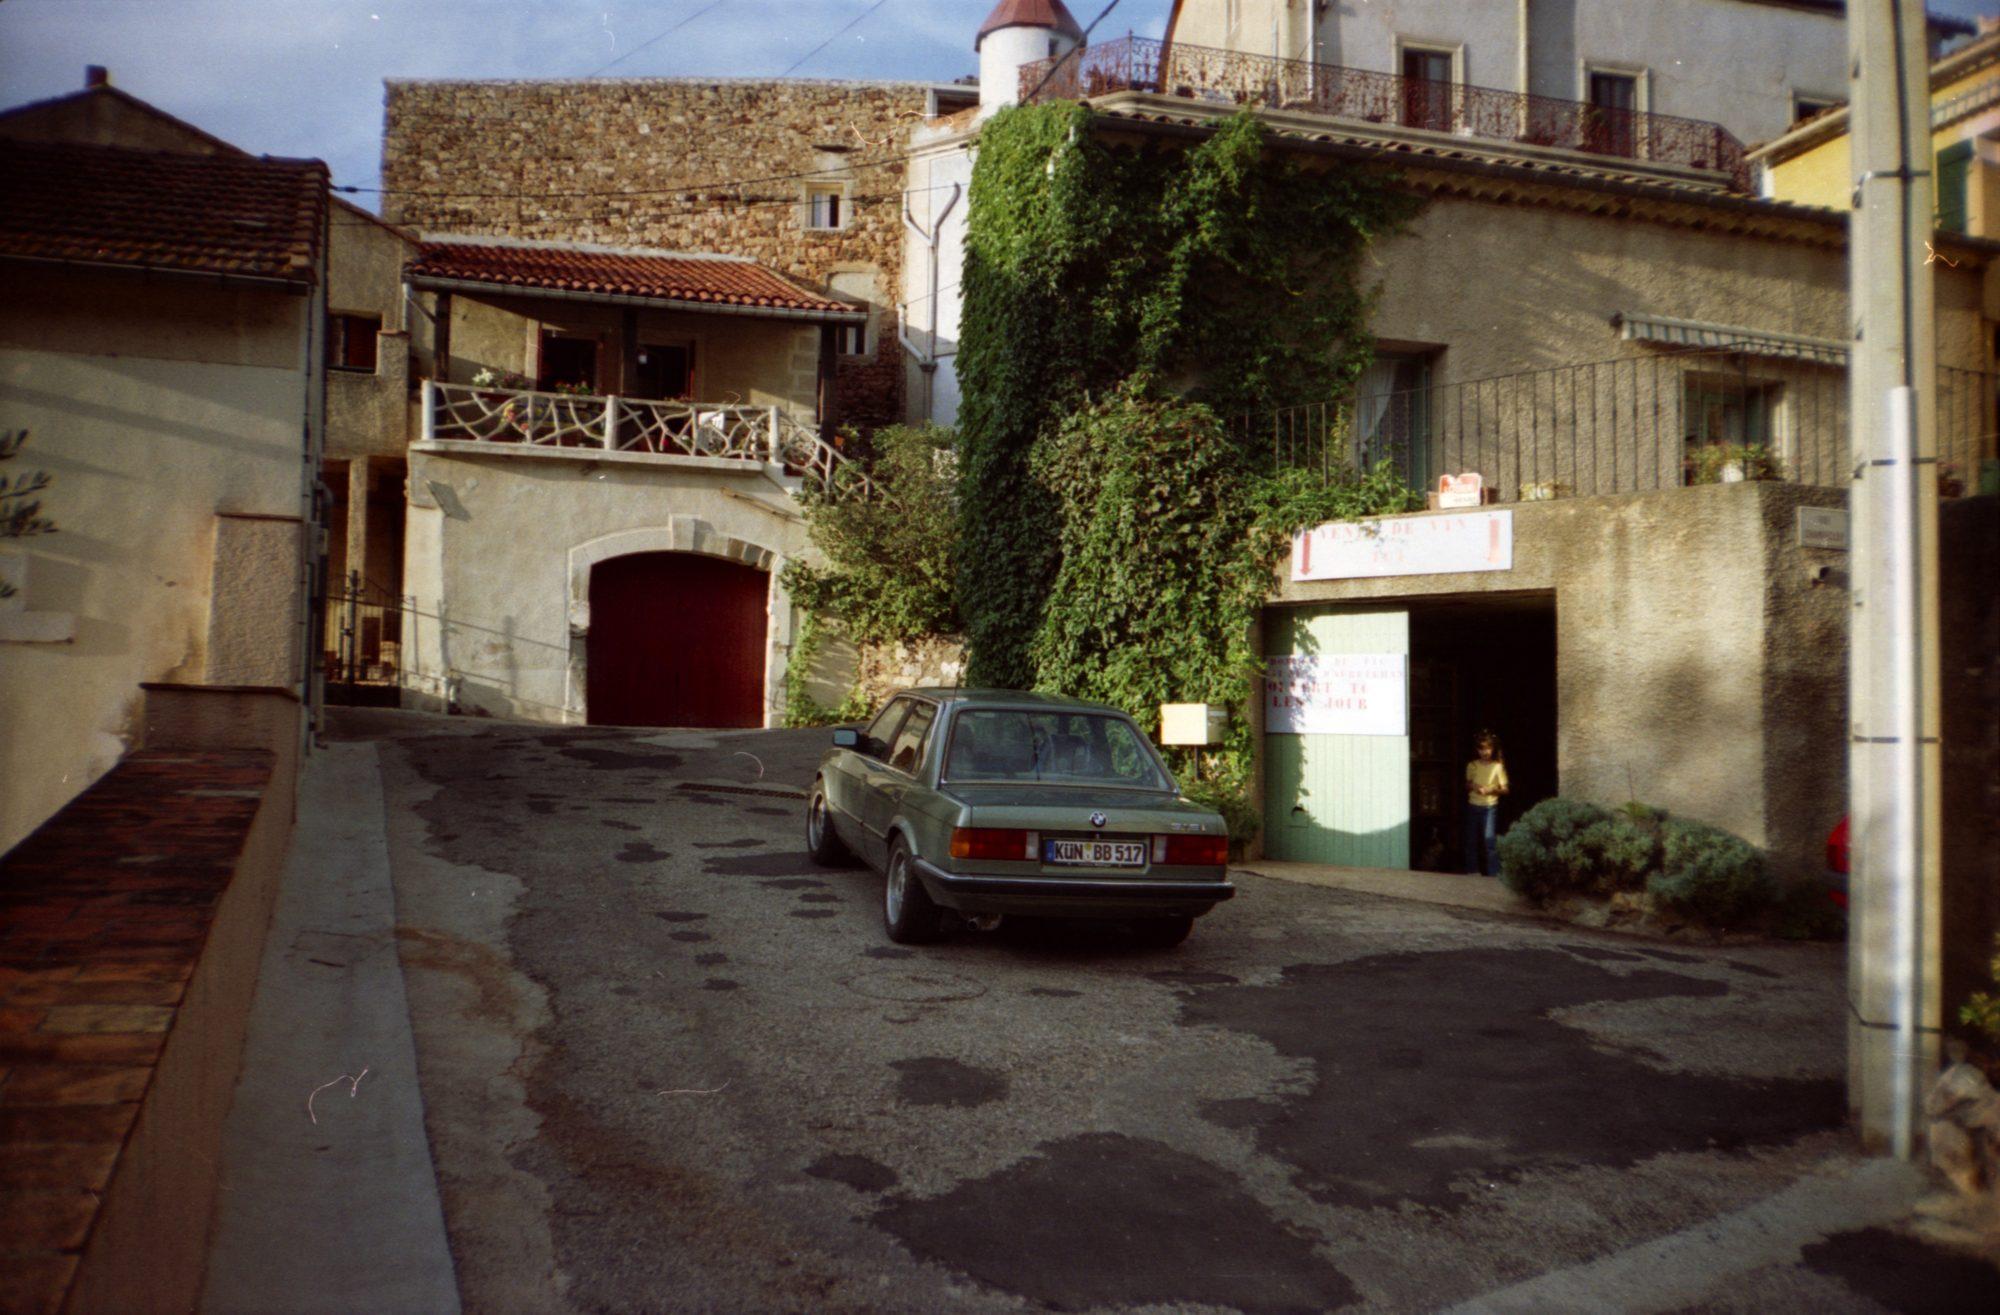 Wein kaufen in Südfrankreich im August 2003.